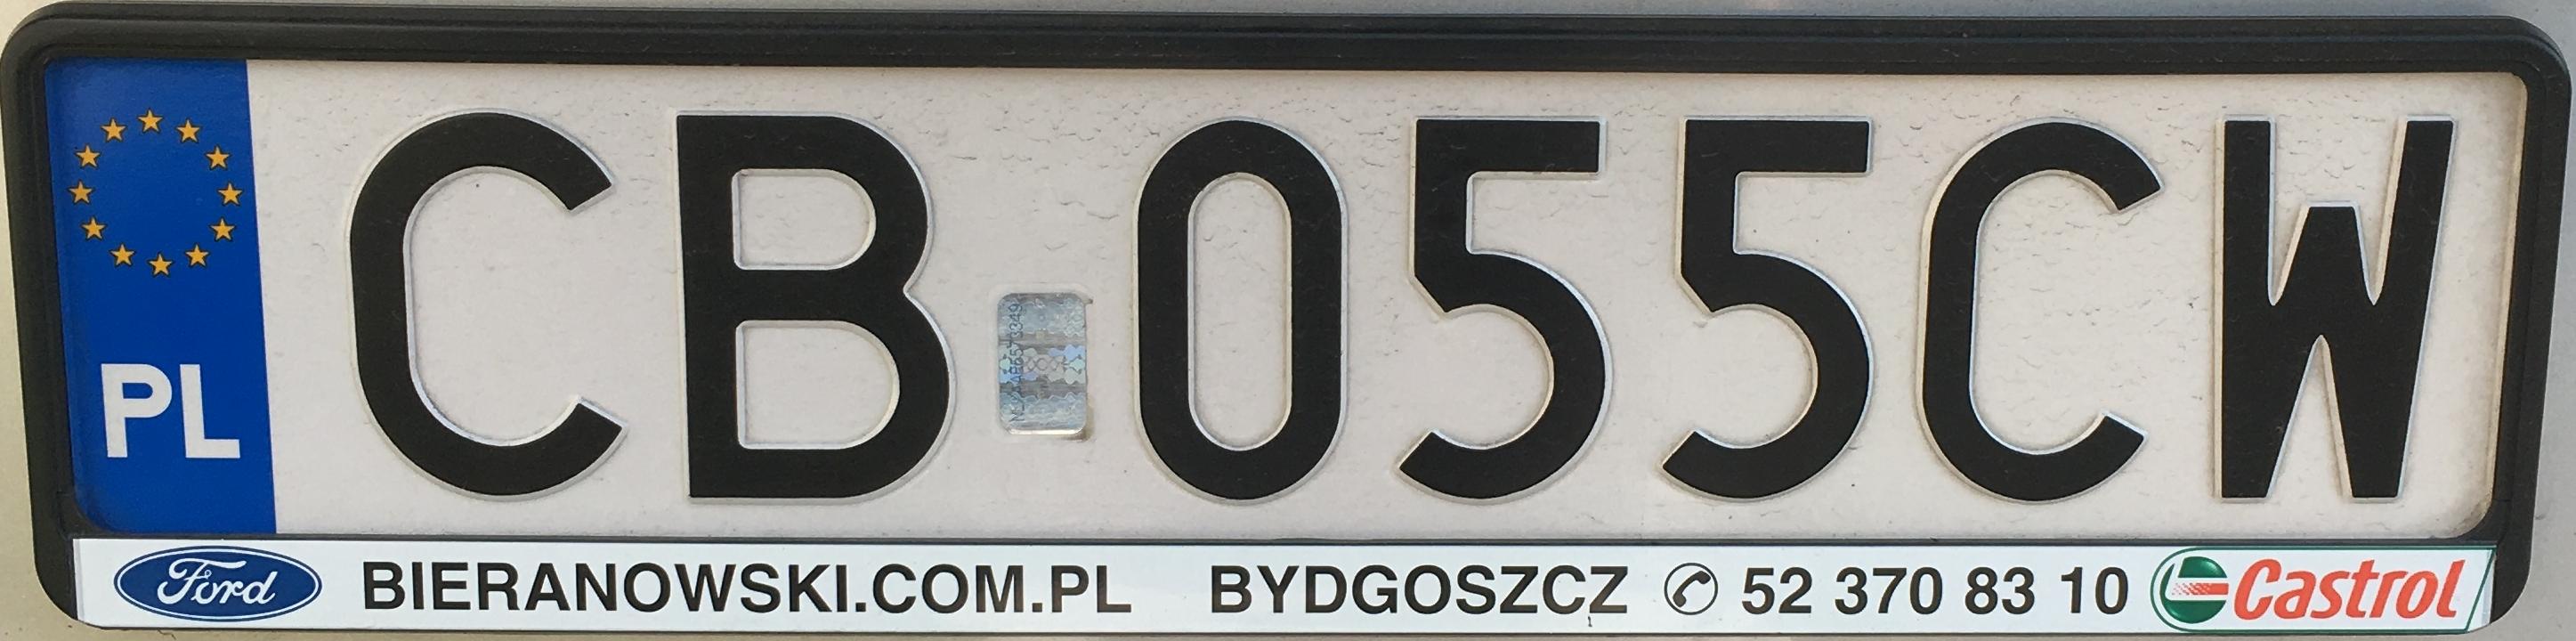 Registrační značka Polsko - CB - Bydgoszcz, foto: www.podalnici.cz